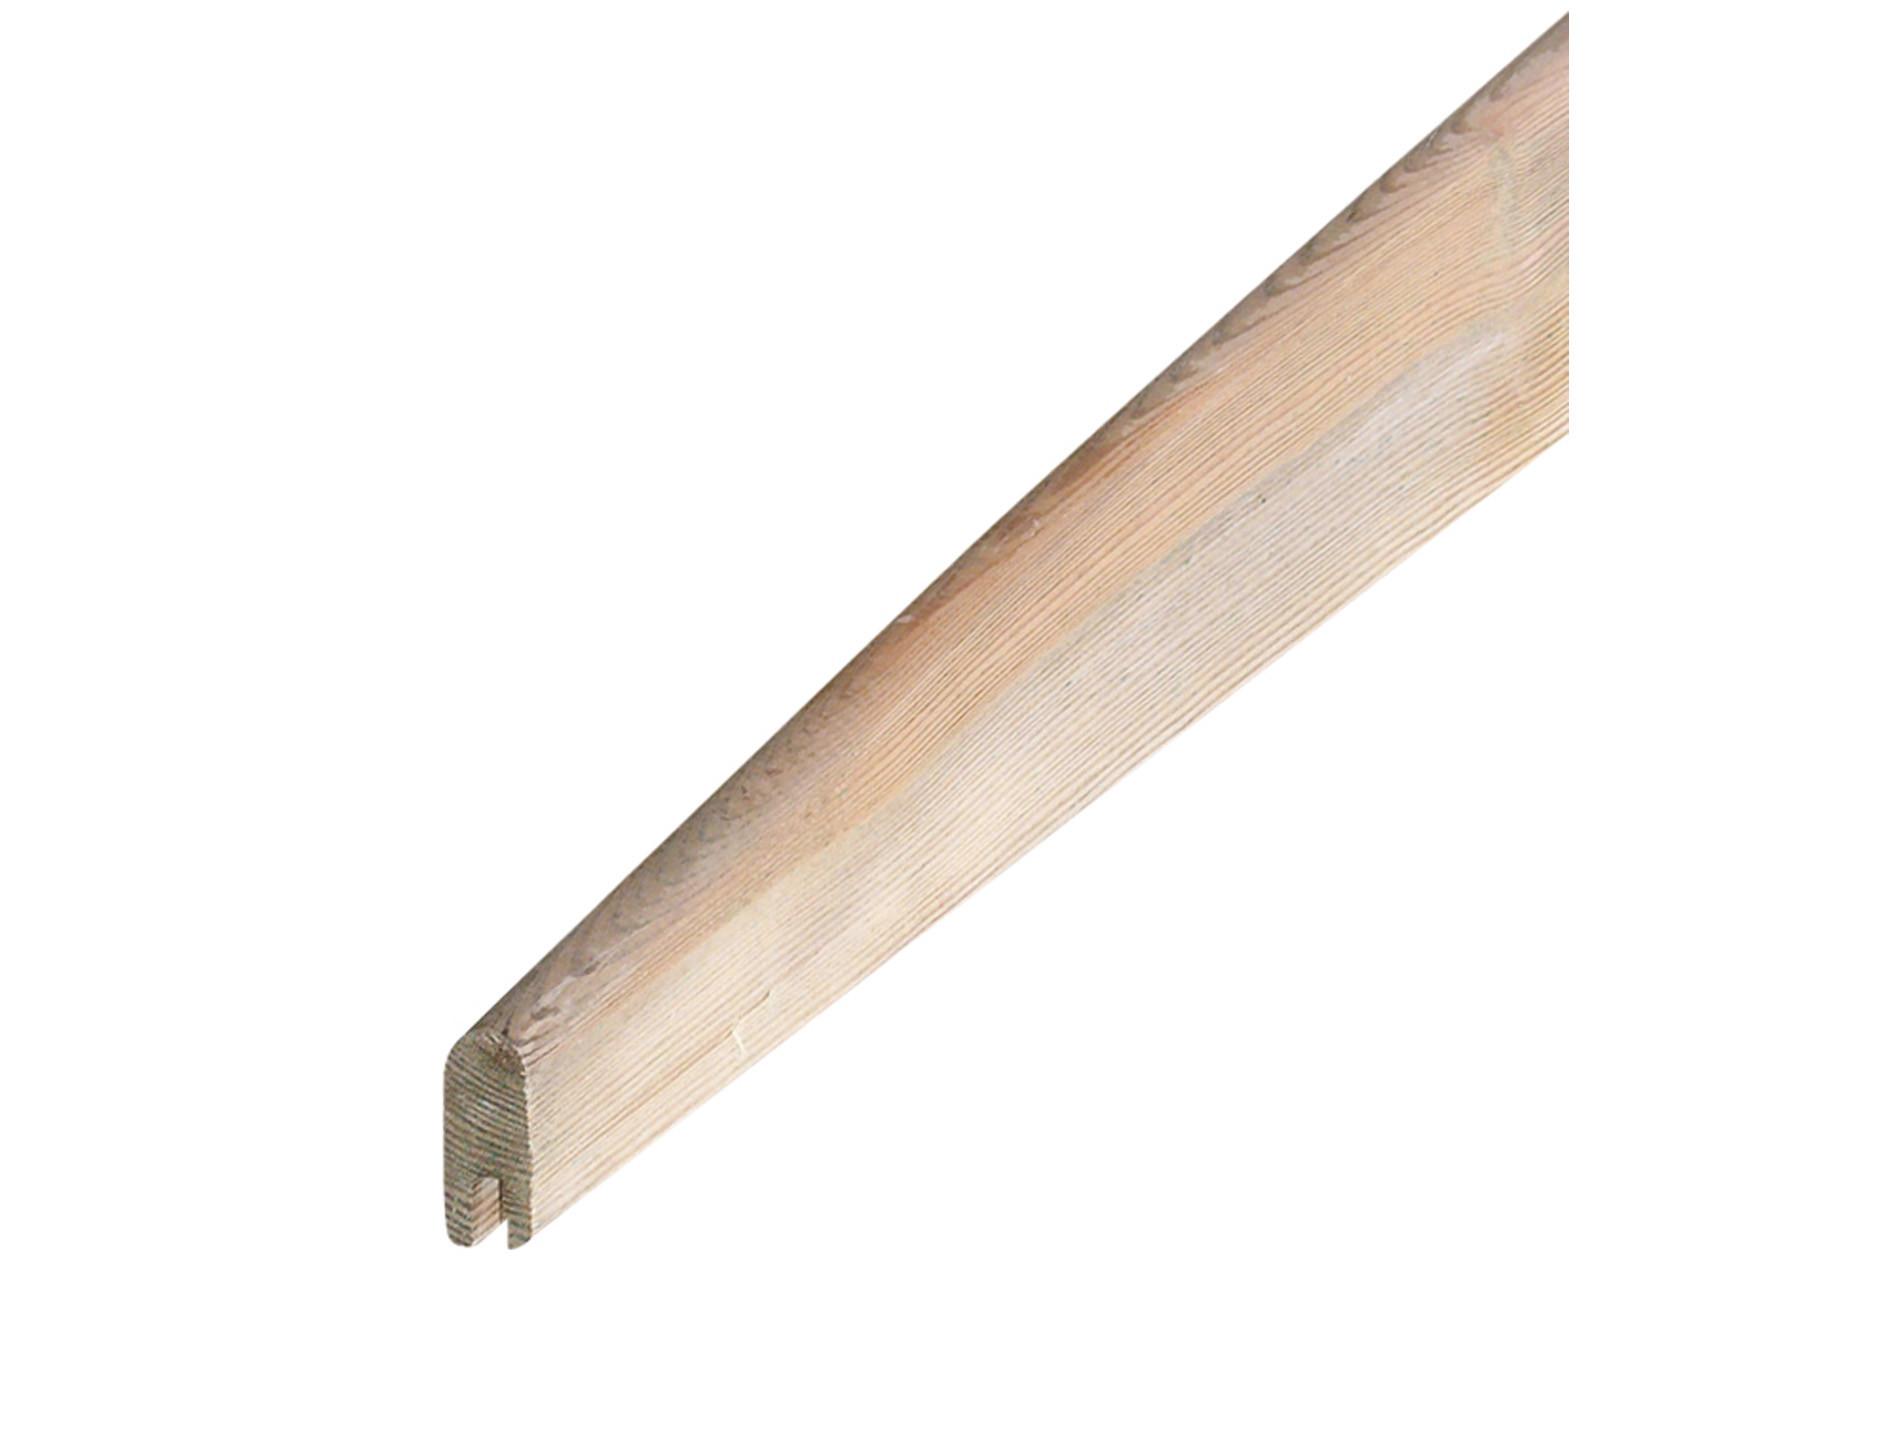 Lames De Bois Exterieur lame bois à emboiter 2m - clôture résidentielle